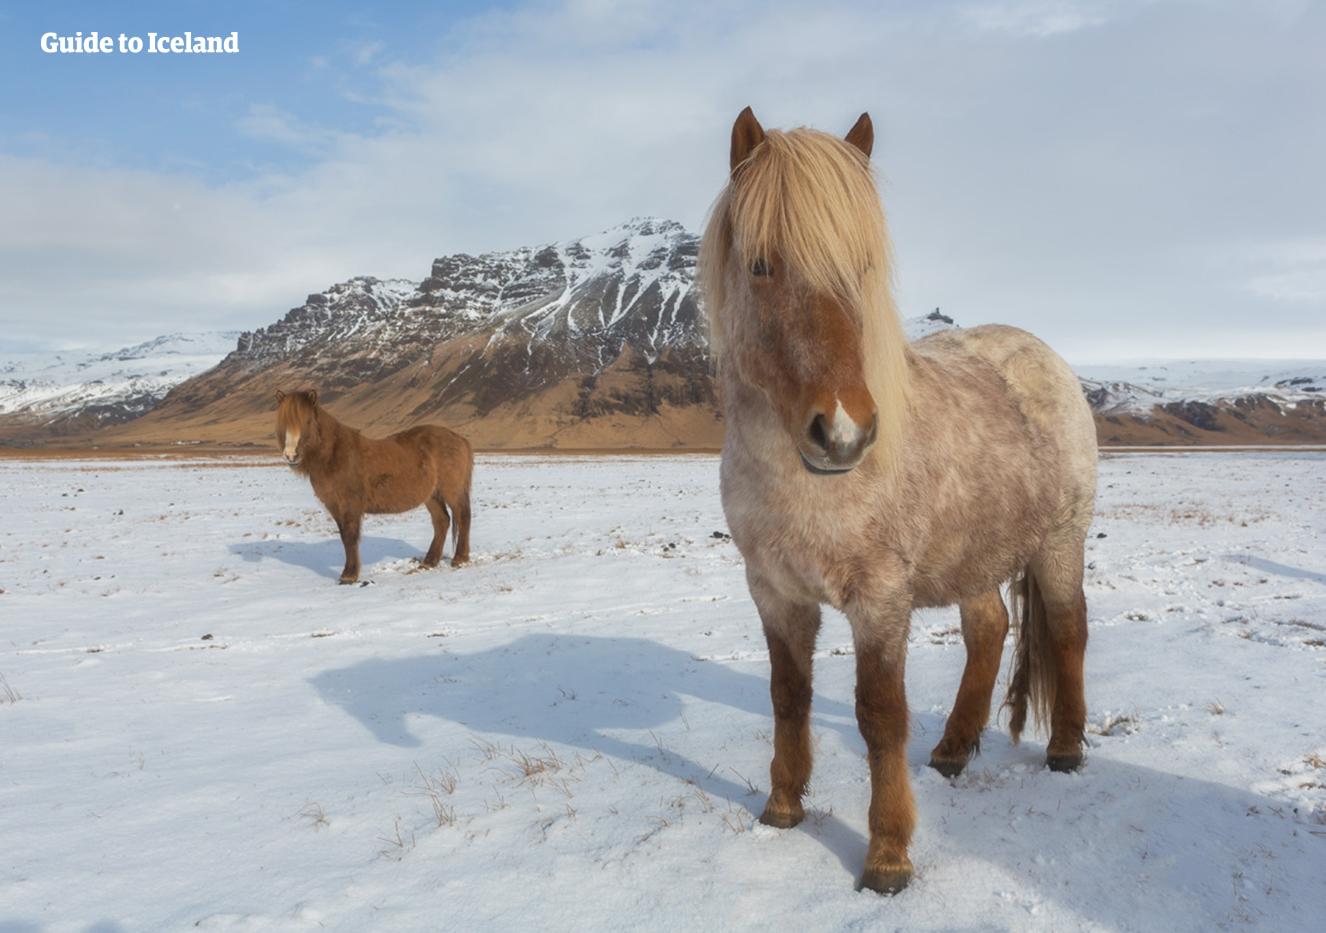 ในช่วงฤดูหนาวม้าสายพันธุ์ไอซ์แลนด์จะมีขนคลุมหนา ๆ เพื่อป้องกันตัวเองจากความหนาวเย็น.